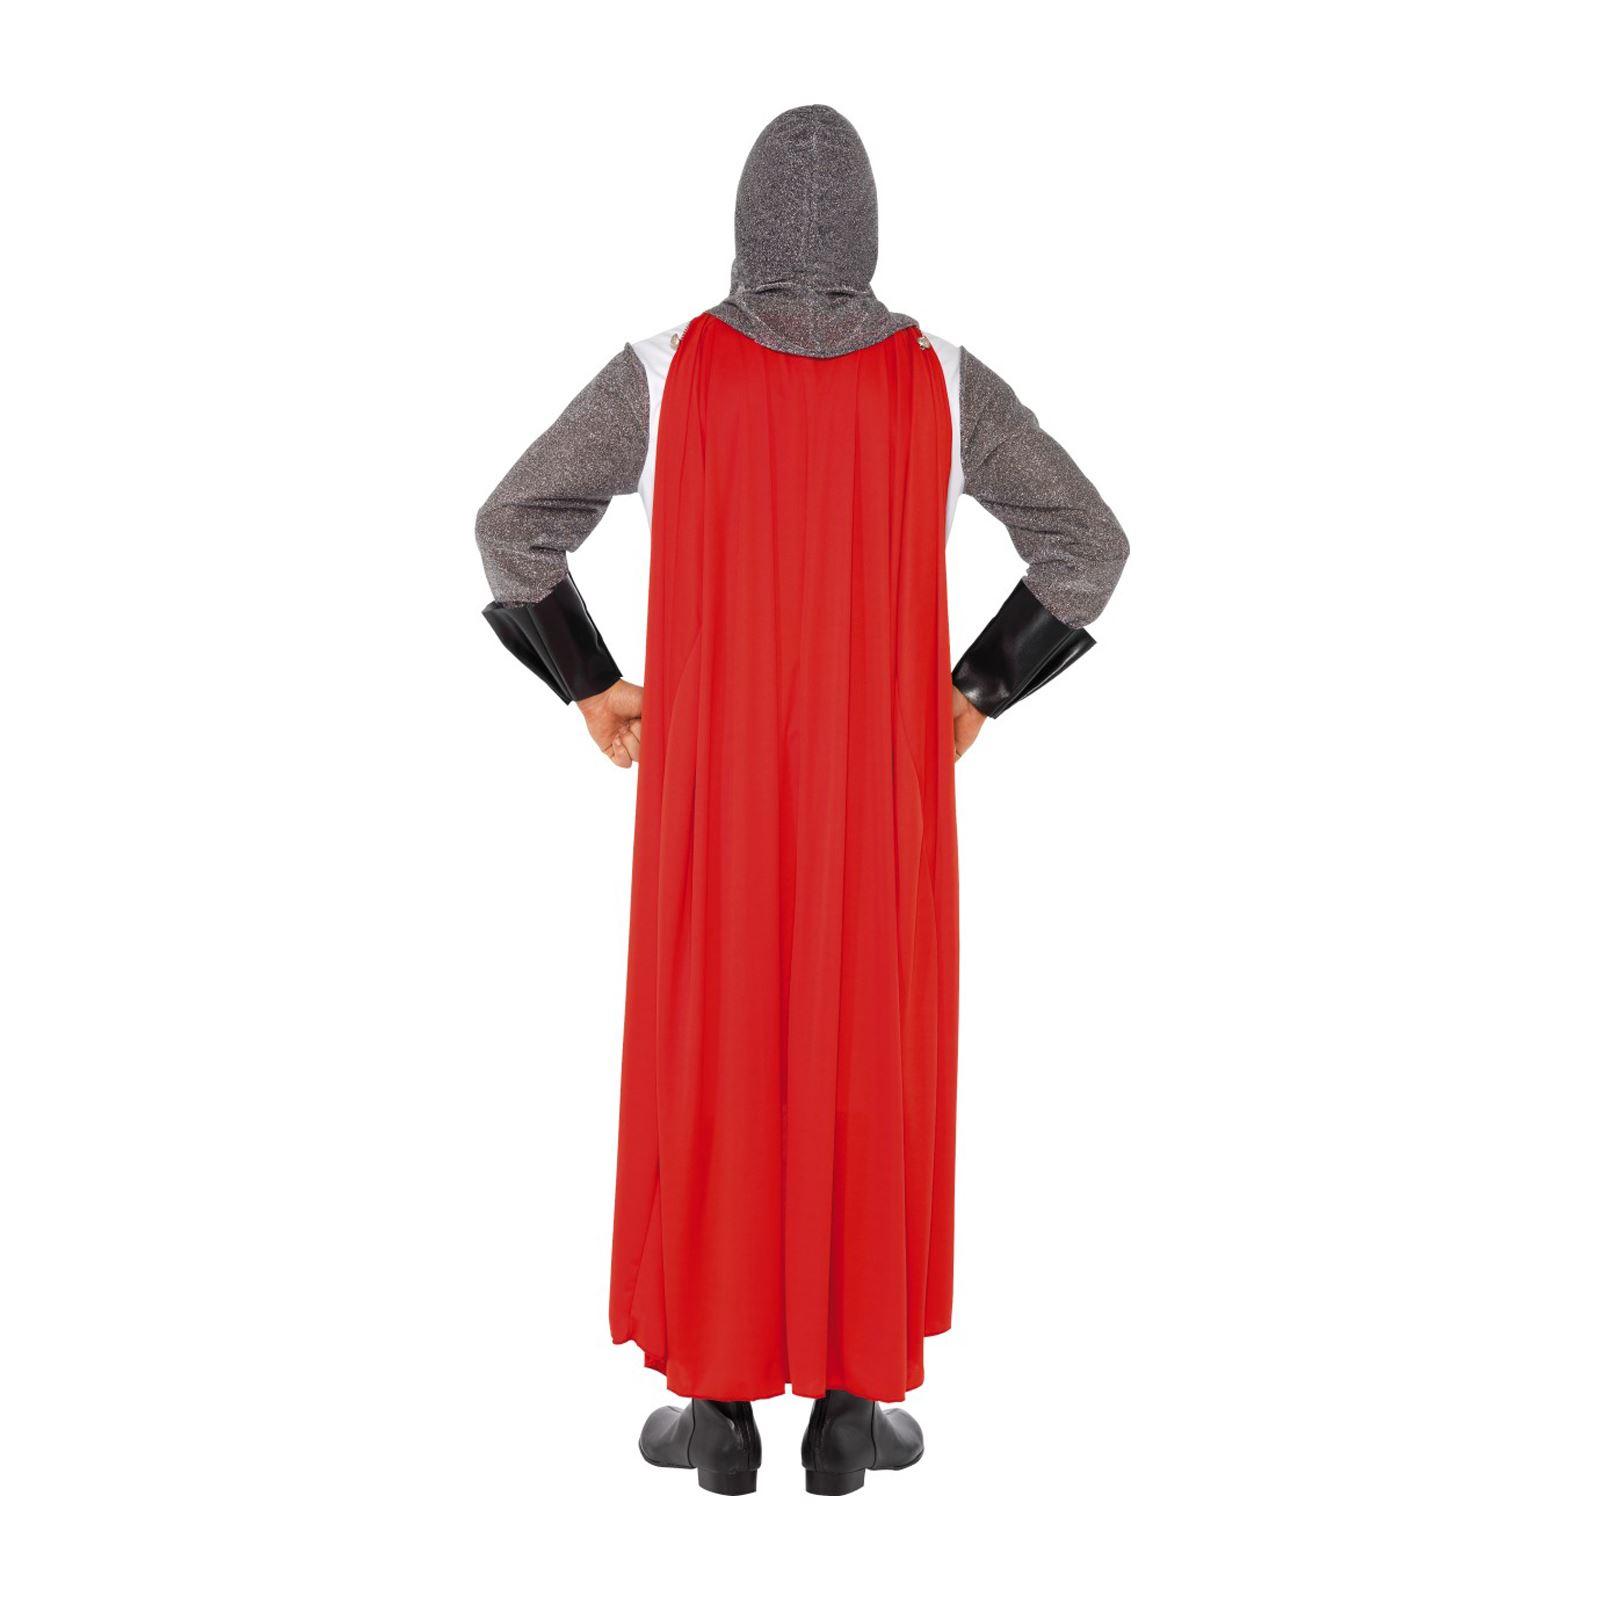 Homme deluxe adulte chevalier st george angleterre croisé médiéval costume déguisement